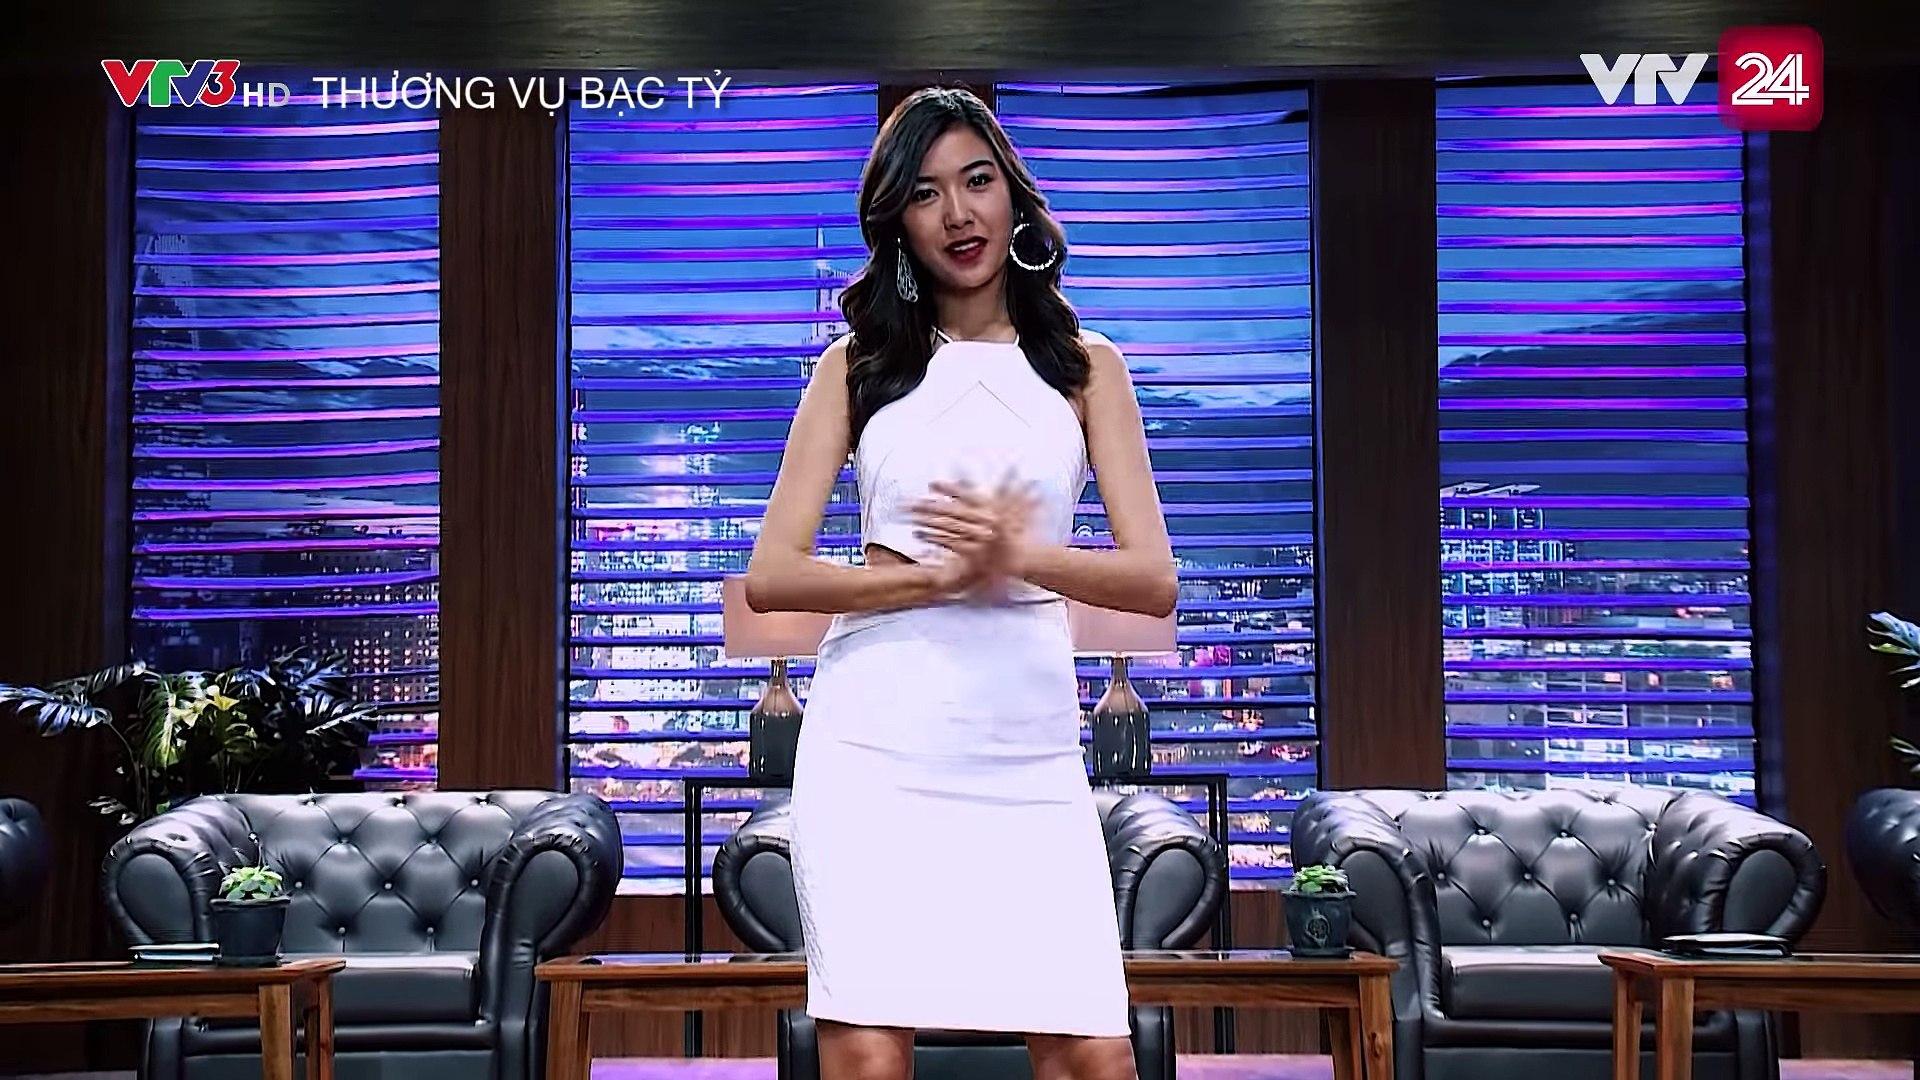 """Thương Vụ Bạc Tỷ Tập 9 FULL HD l Shark Tank Việt Nam l """"Shark"""" Vương và Thủy """"chơi liều"""" với App Liv"""